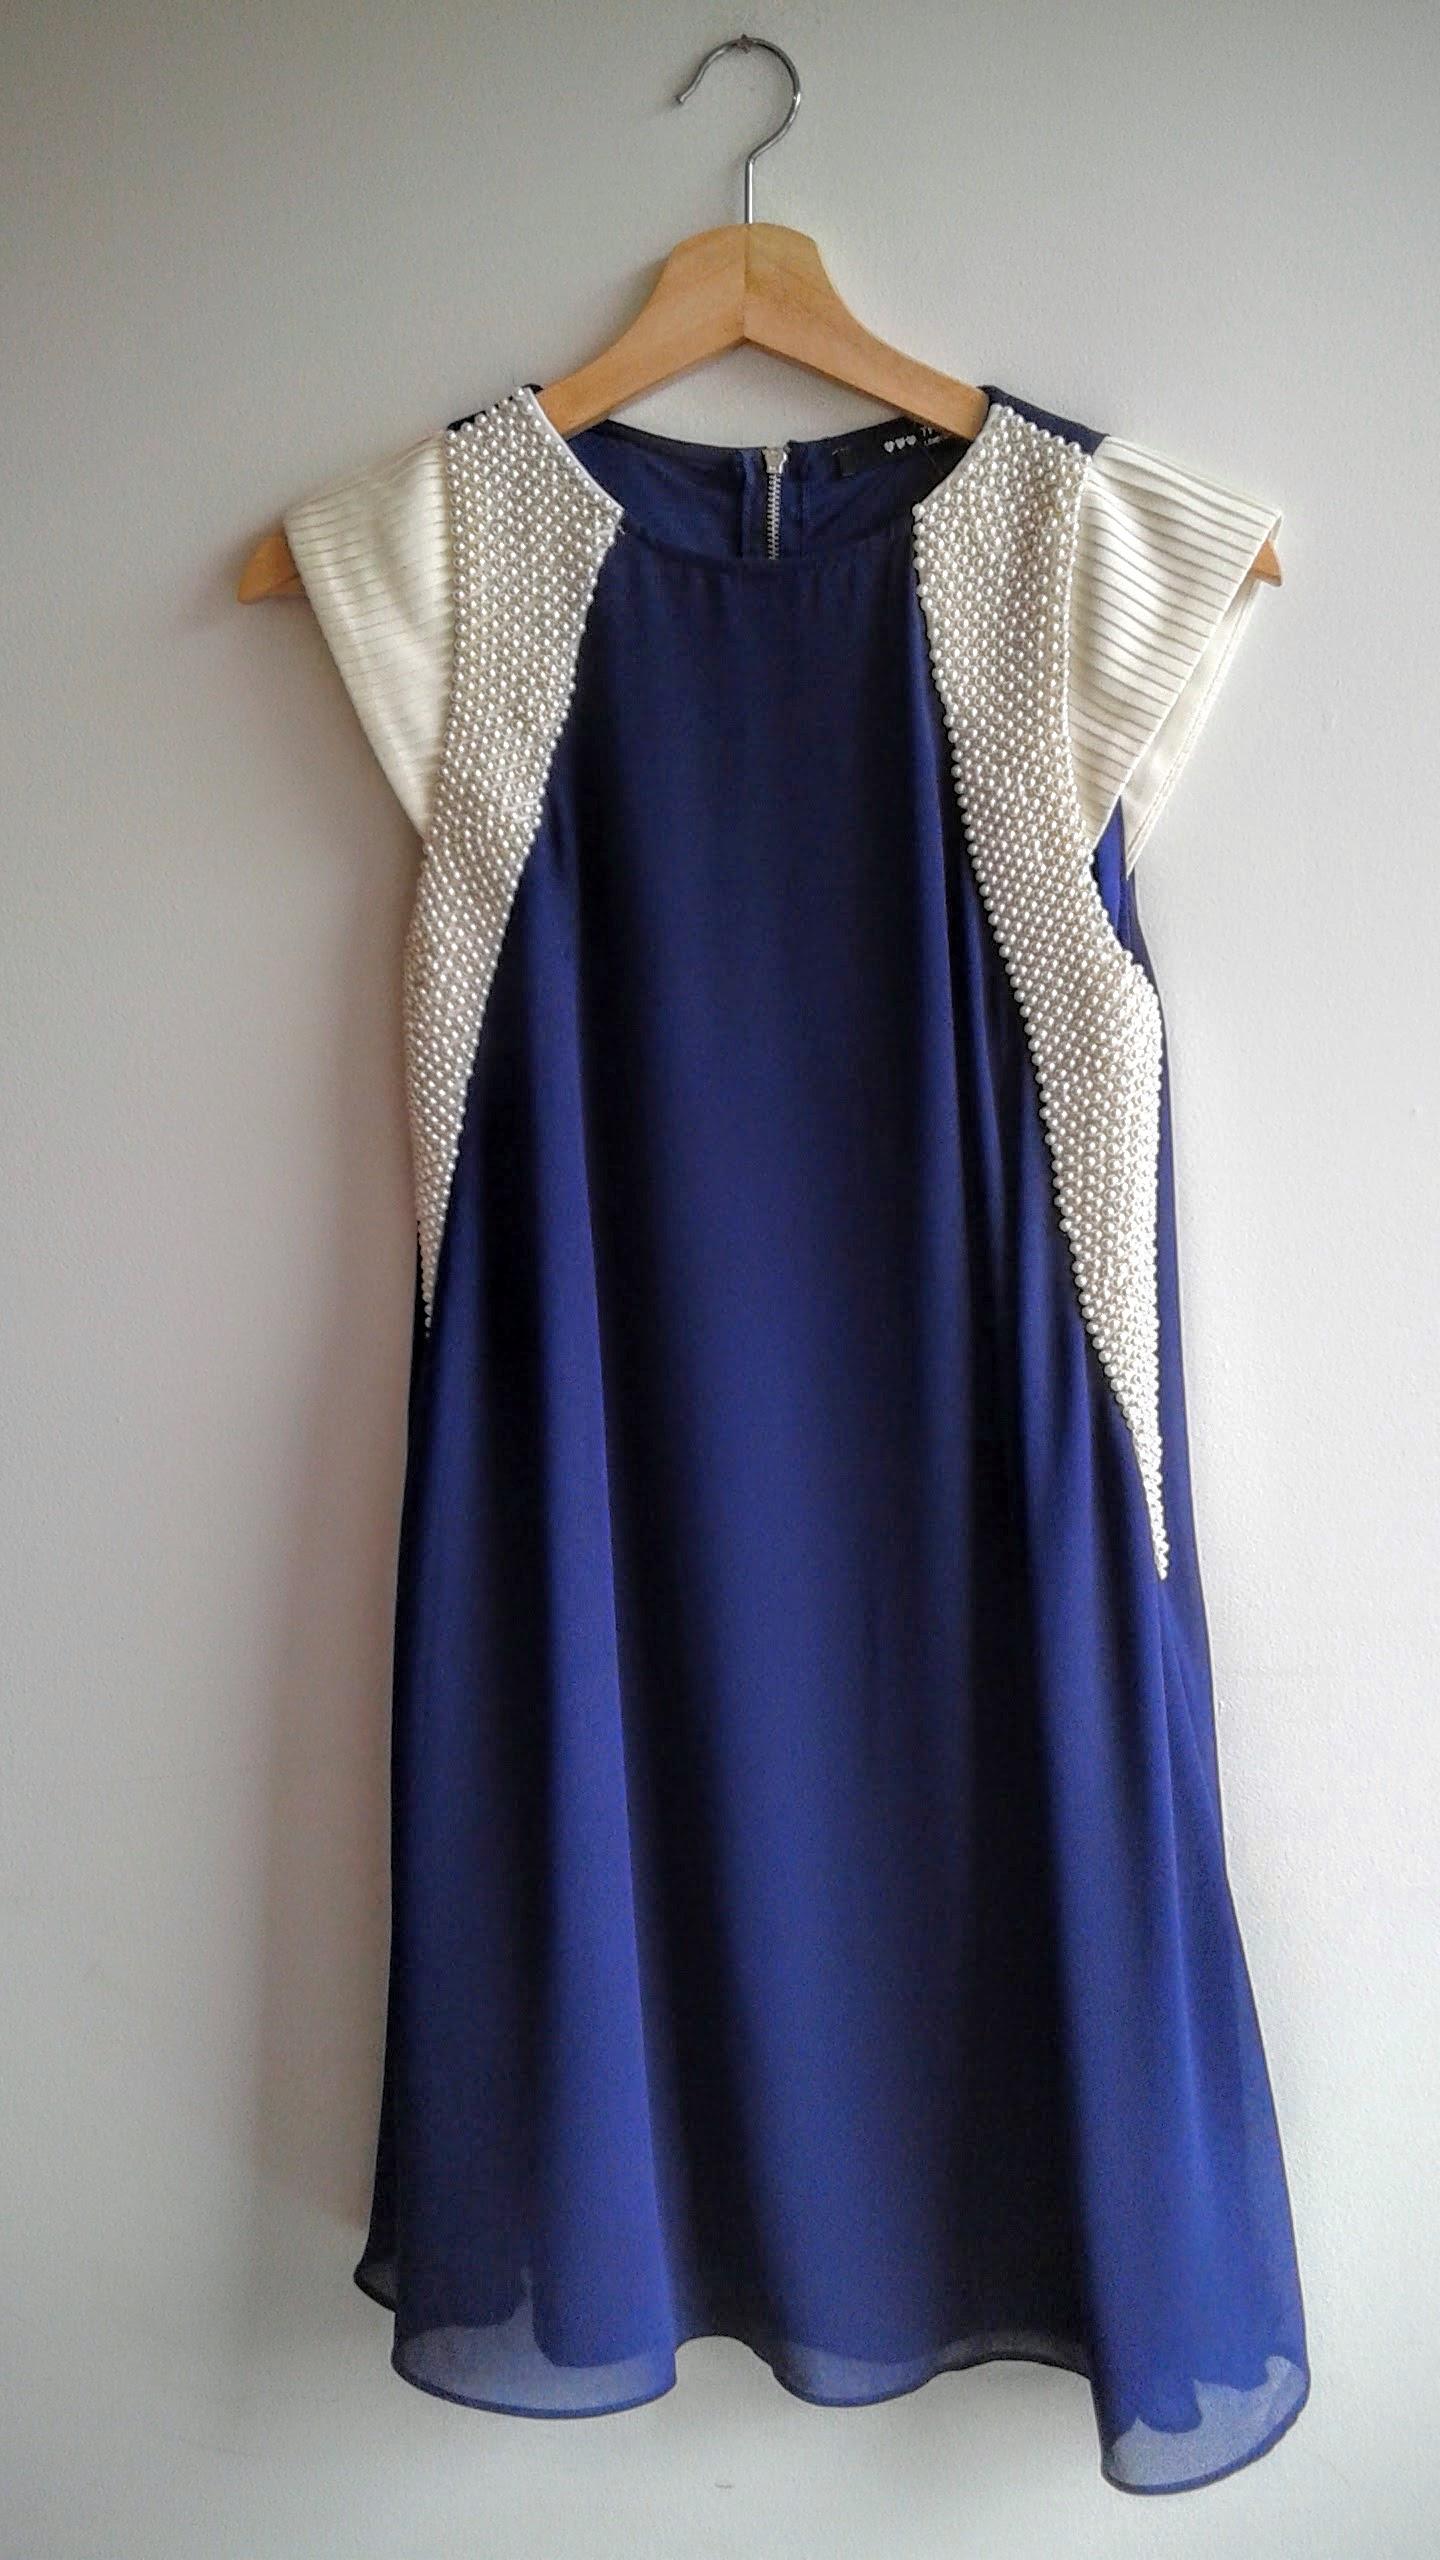 TFNC London  dress; Size S, $30